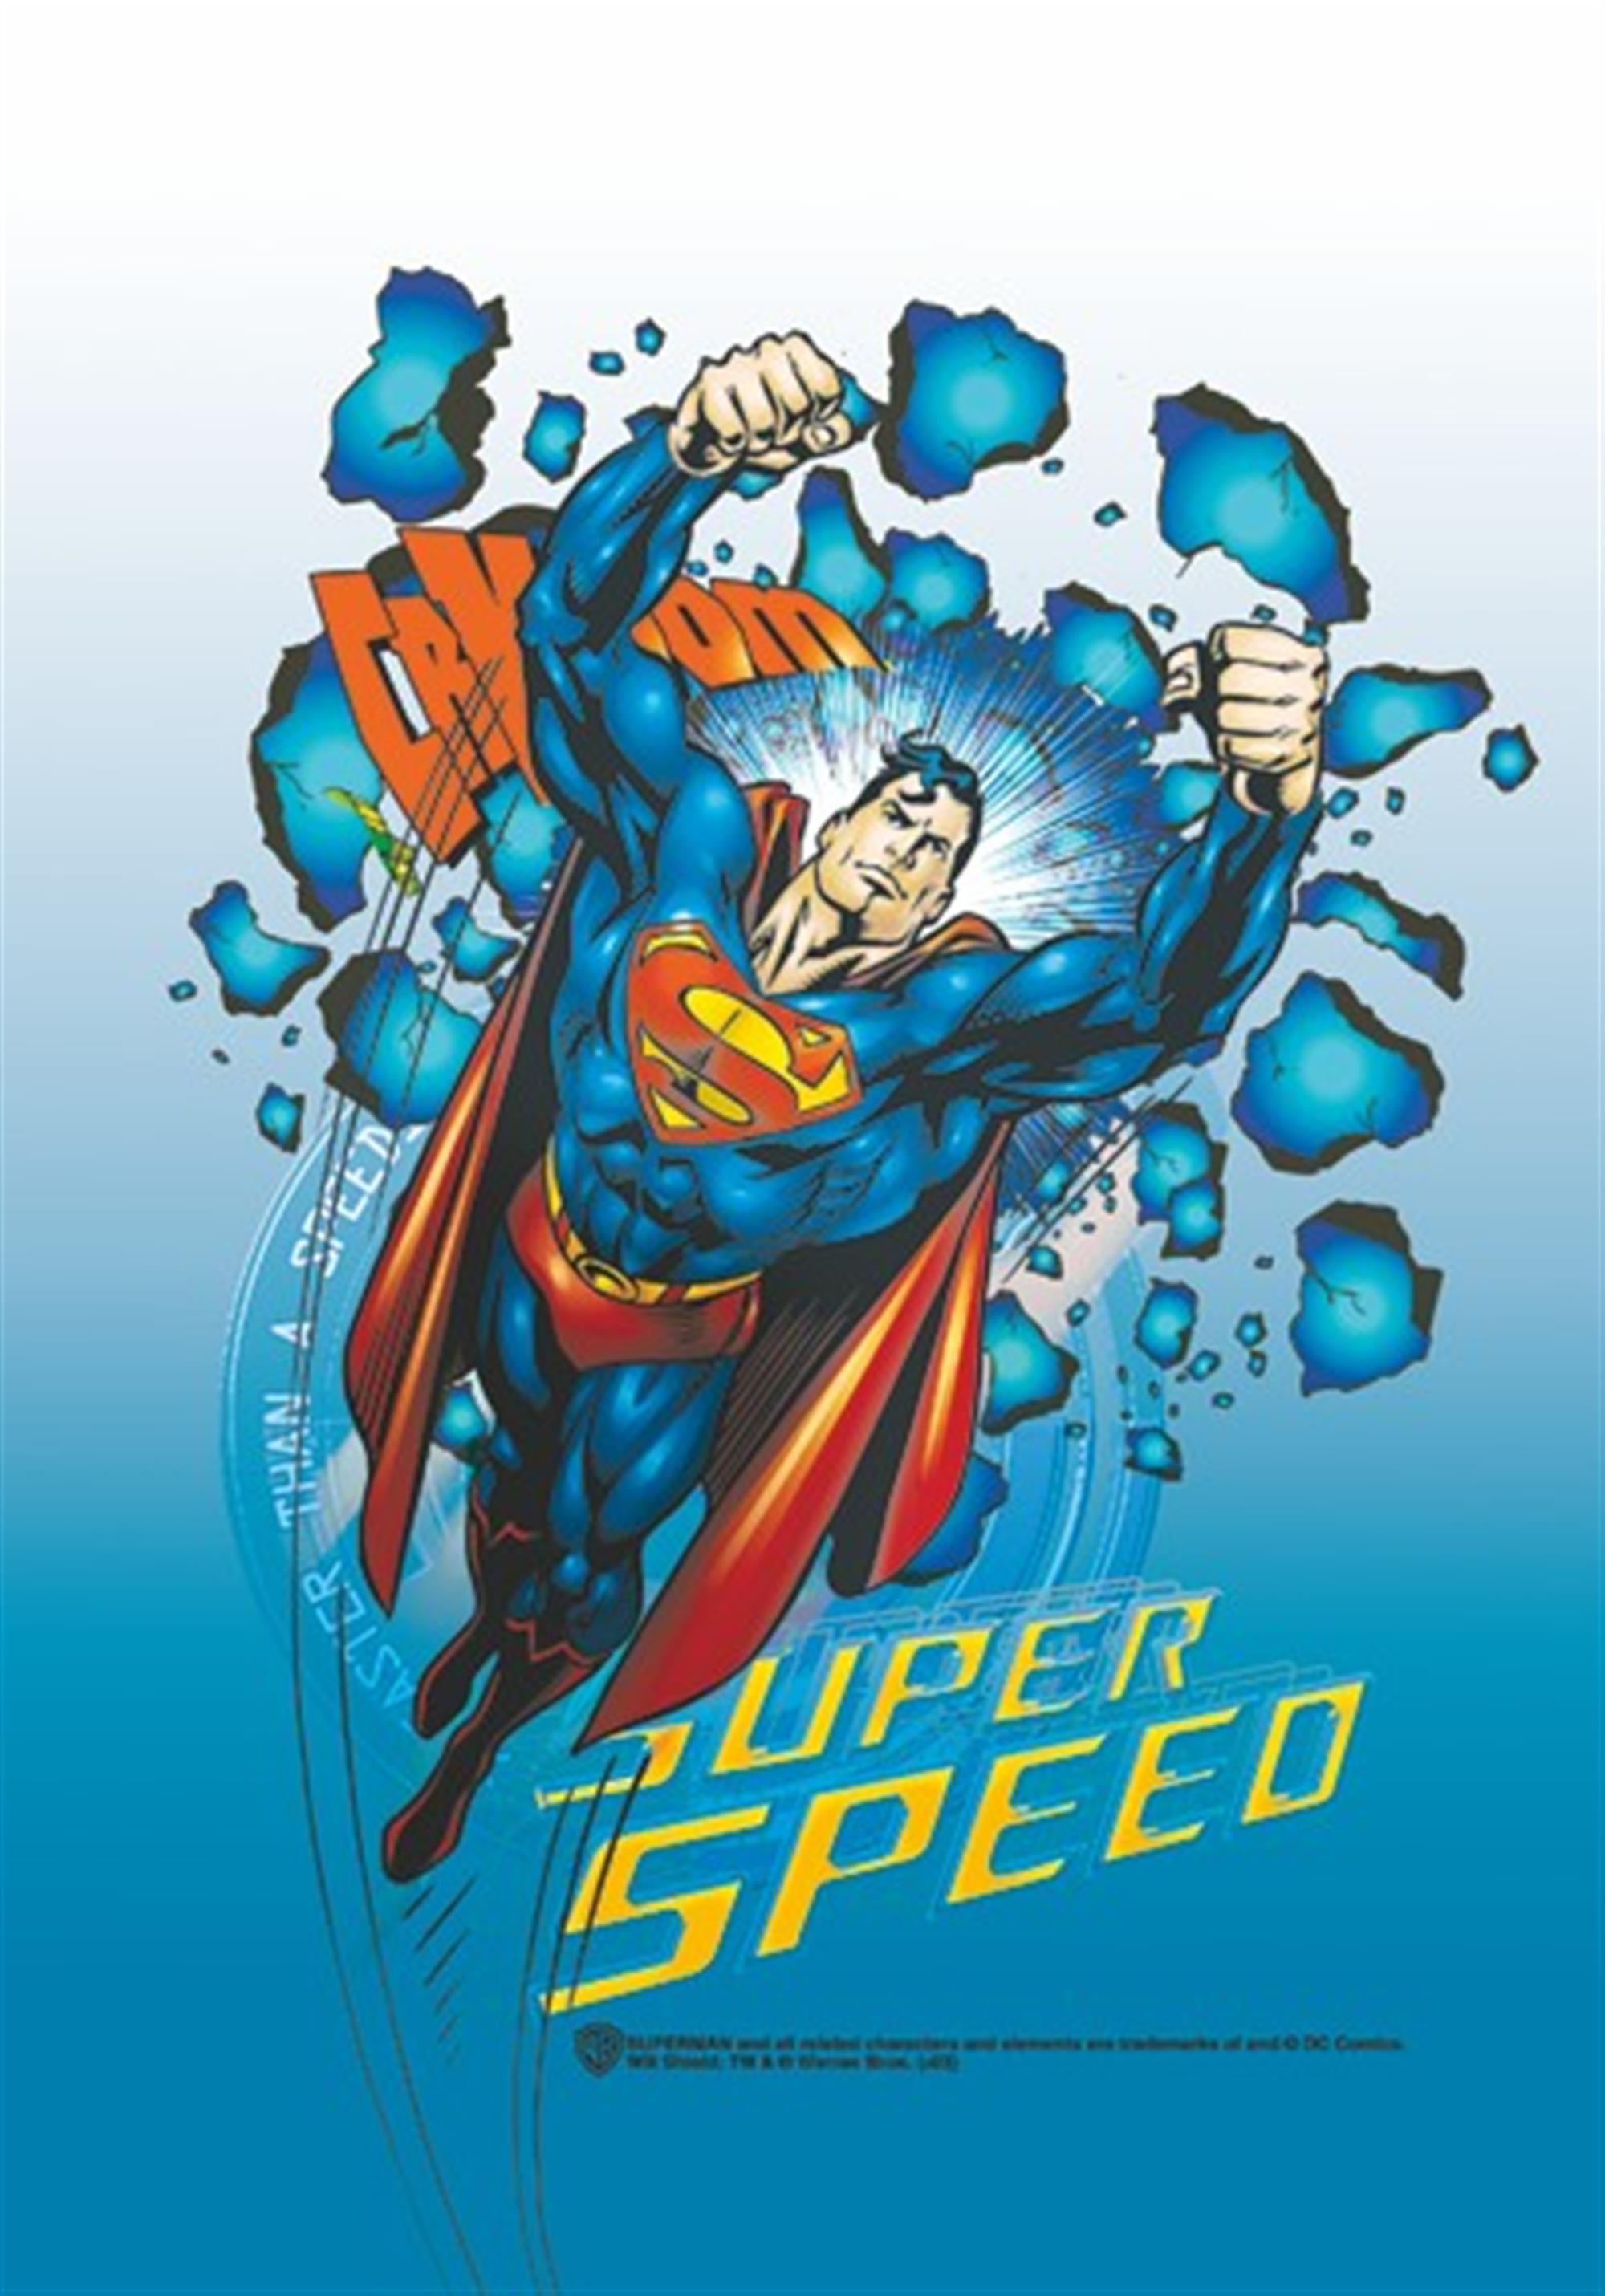 Super Speed